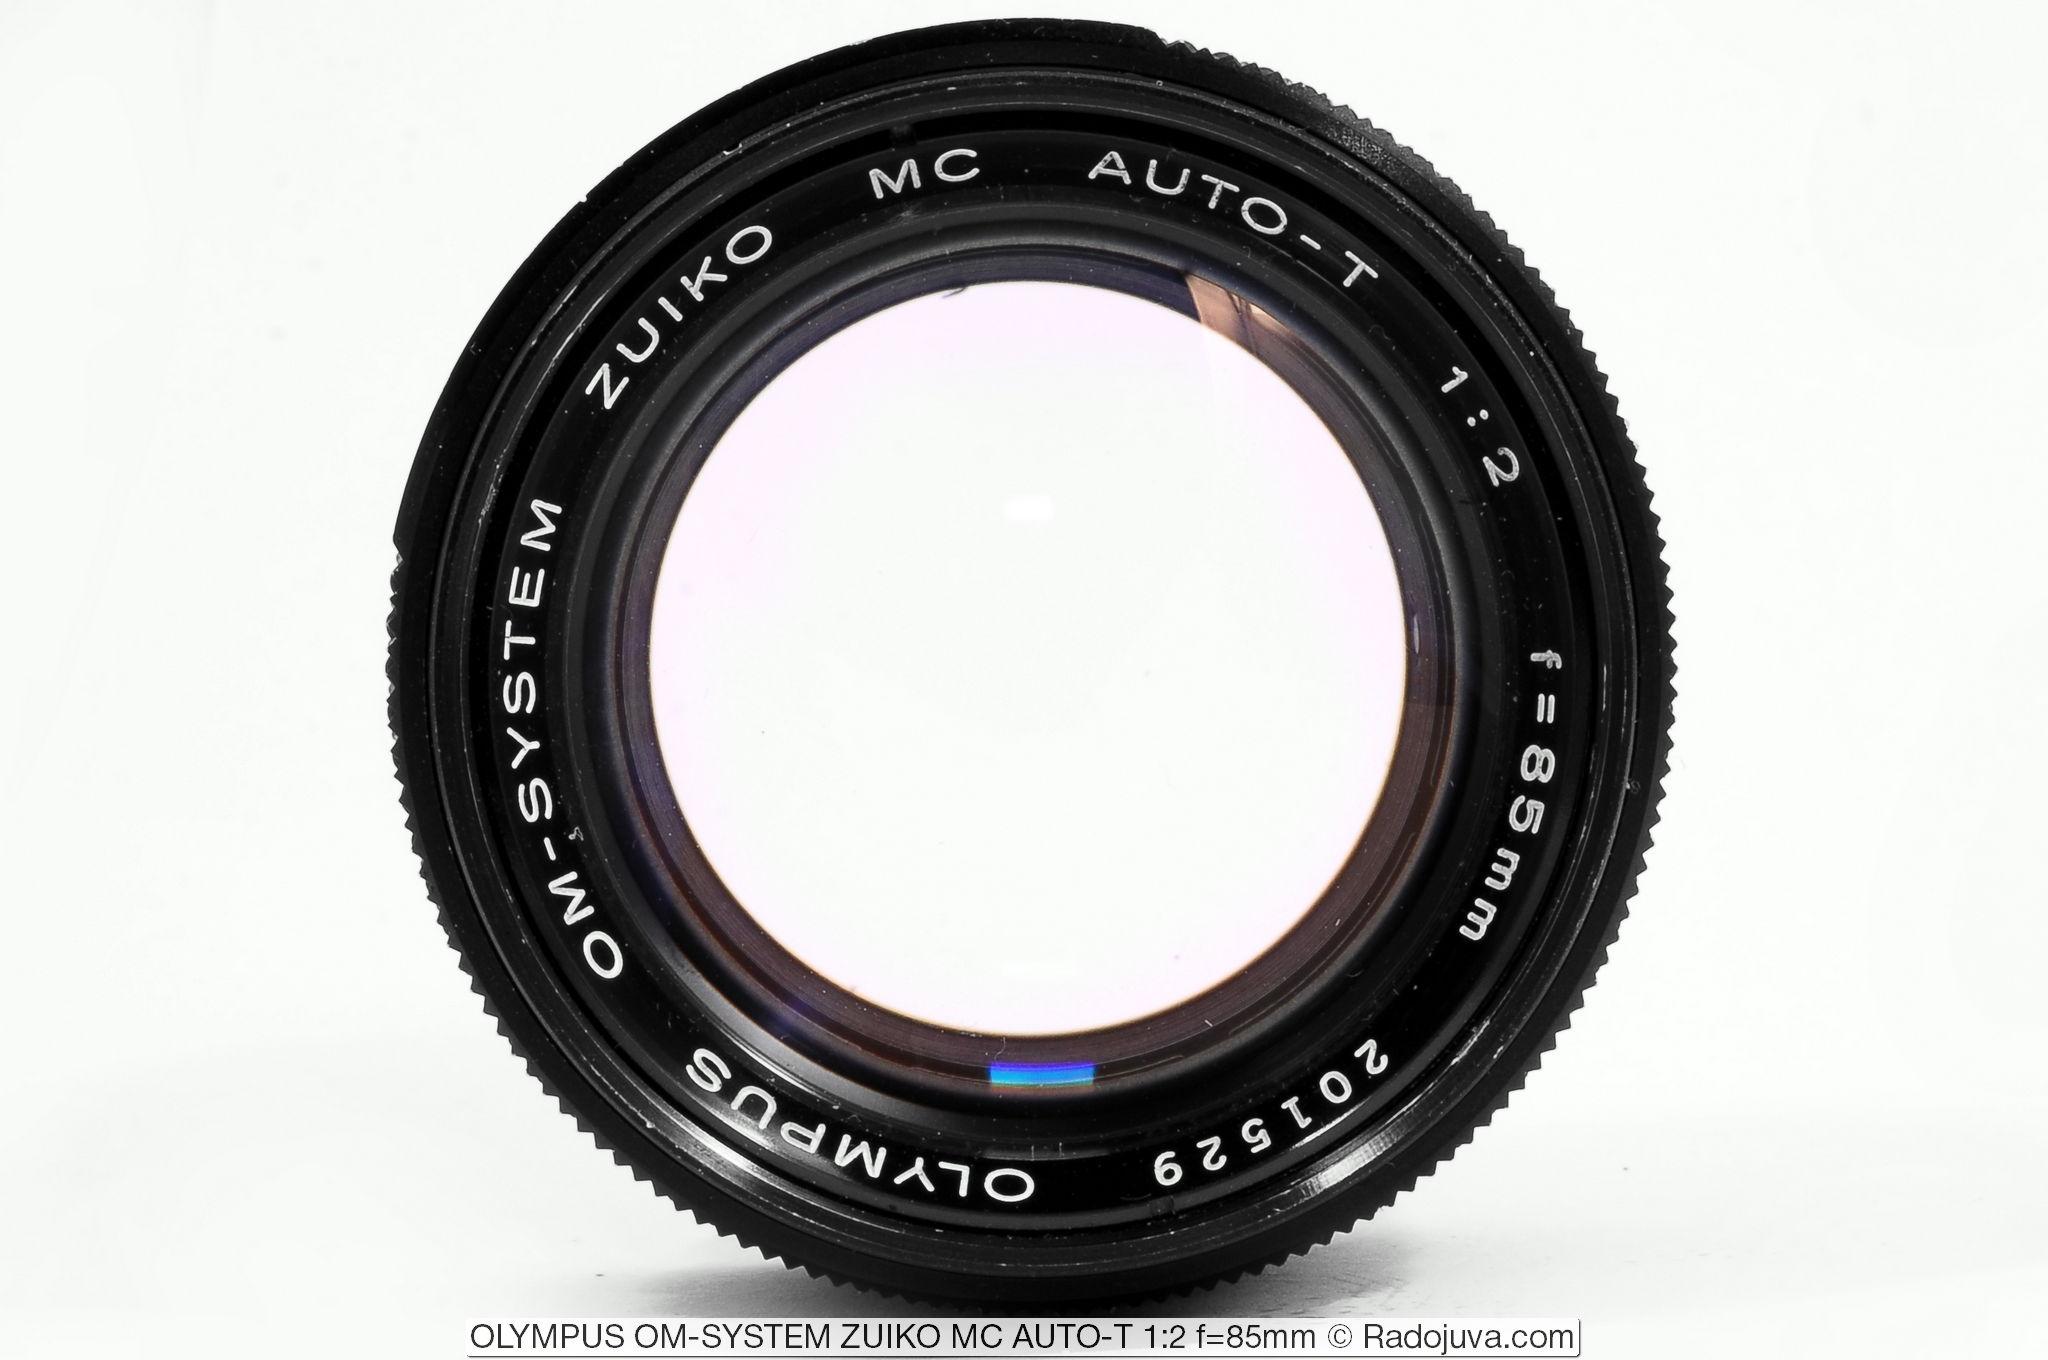 OLYMPUS OM-SYSTEM ZUIKO MC AUTO-T 1:2 f=85mm